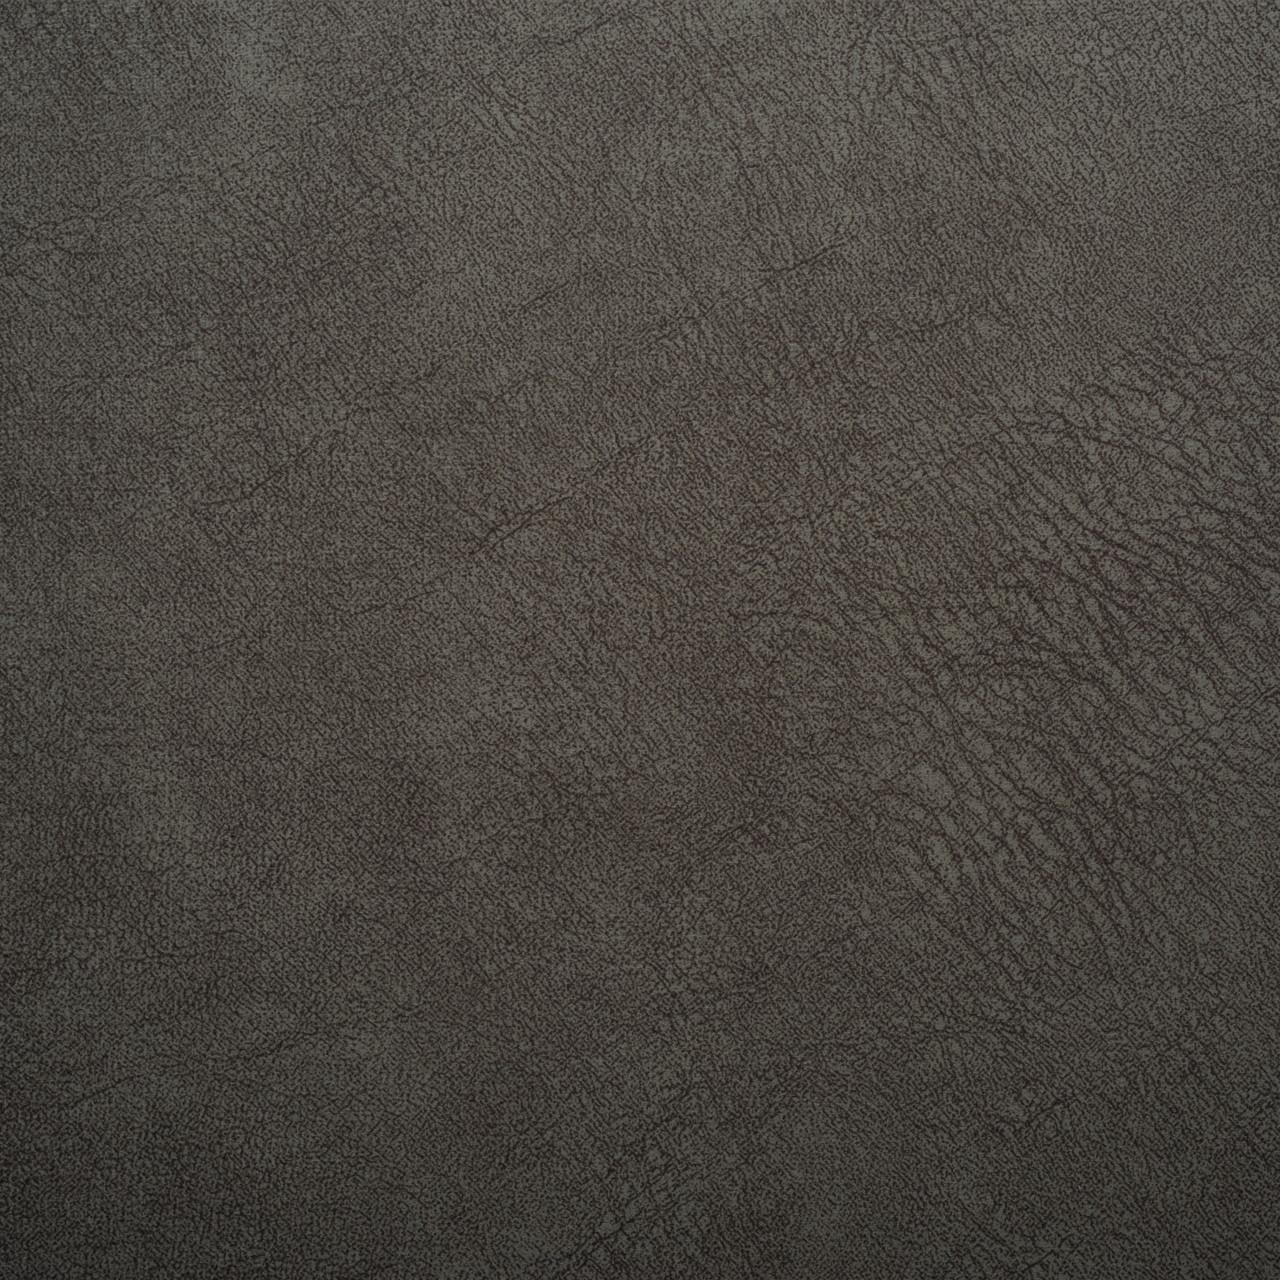 Велюр Крокус, цвет: серый